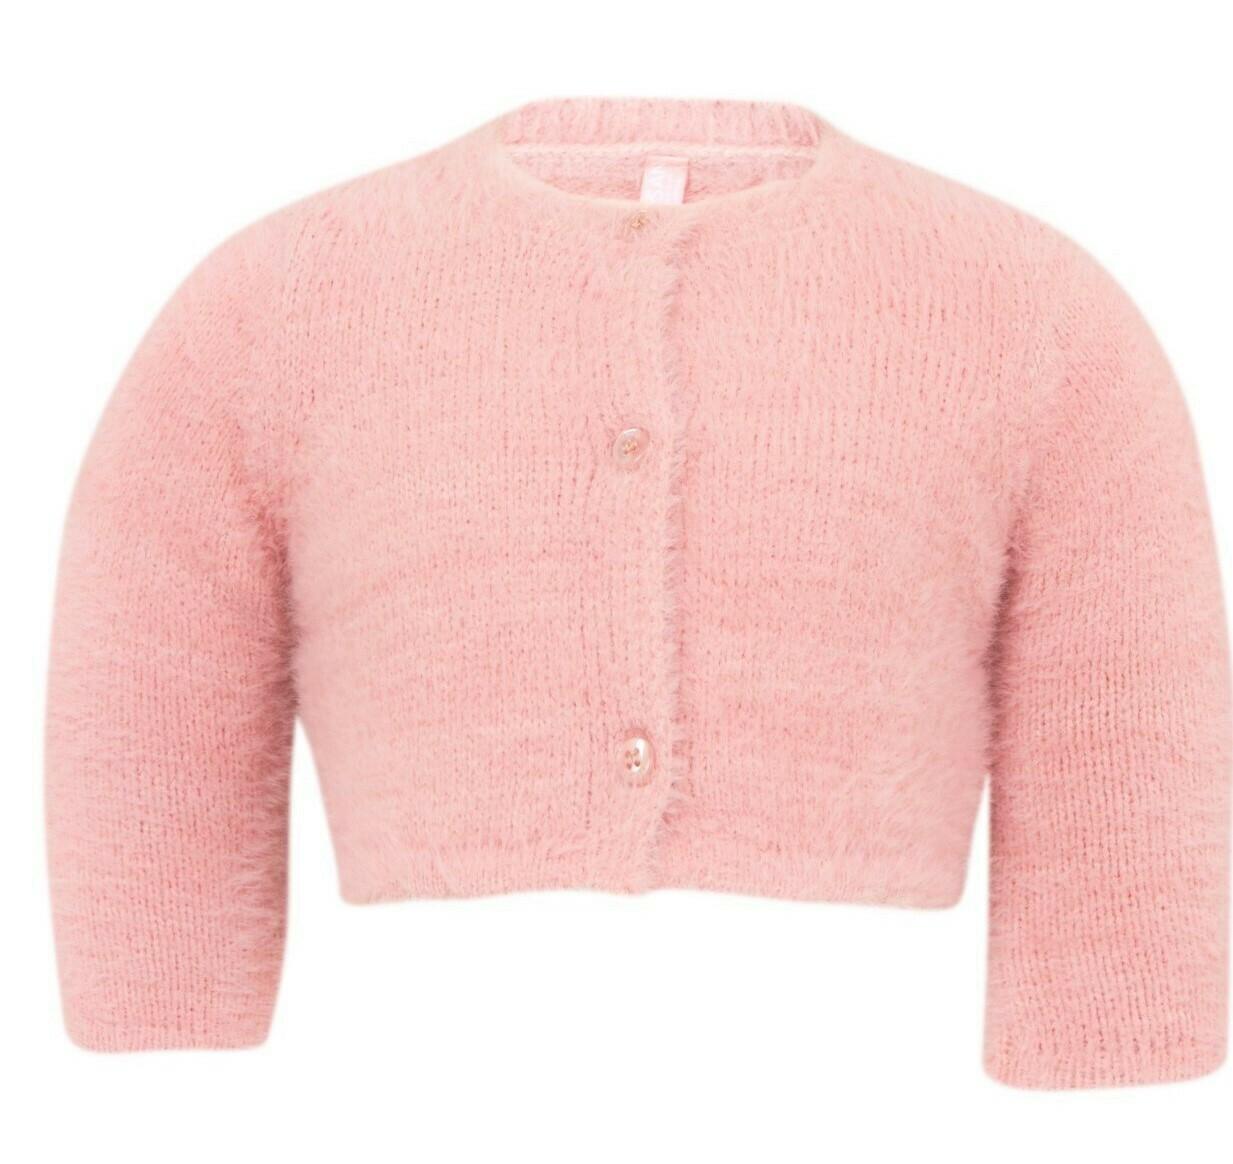 Losan Faux-fur Knit Bolero Cardigan Pink 5002